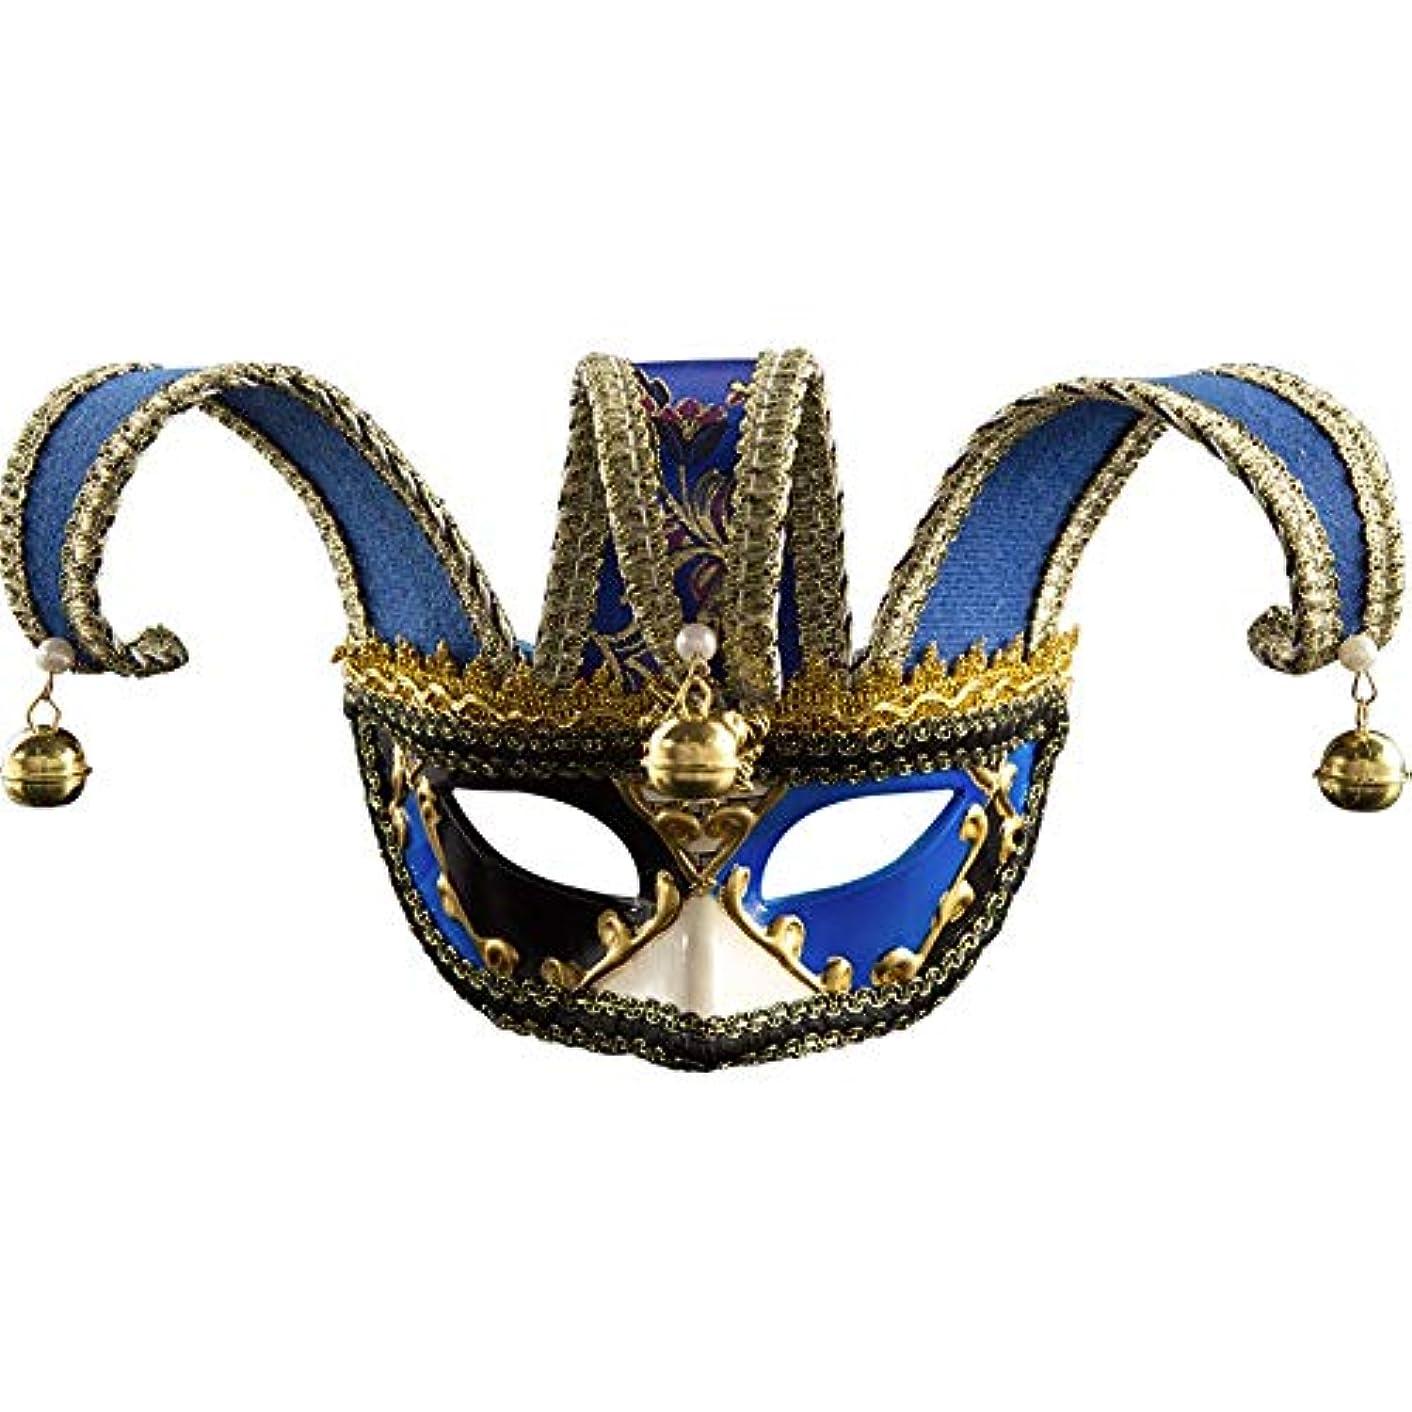 浅い改革スプーンダンスマスク ナイトクラブ音楽カーニバルマスク雰囲気クリスマスフェスティバルプラスチックマスクイブニングパーティーボール ホリデーパーティー用品 (色 : 青, サイズ : 16.5x29cm)